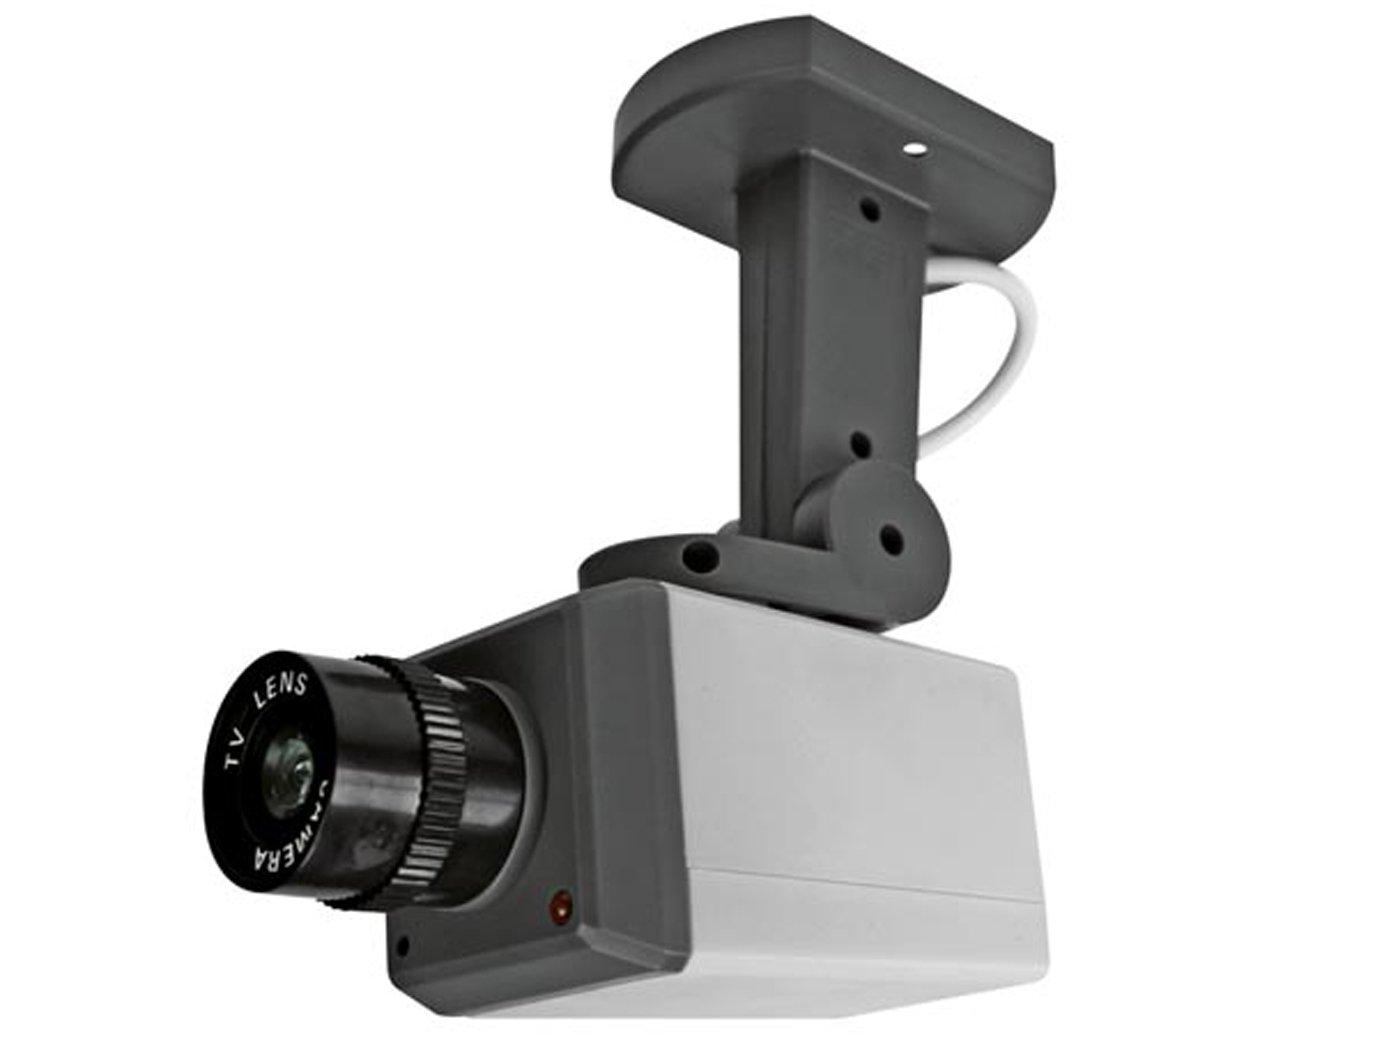 Juego de 2 de cámara falsa giratorio, sensor de movimiento, vivos ledes, pilas: Amazon.es: Bricolaje y herramientas